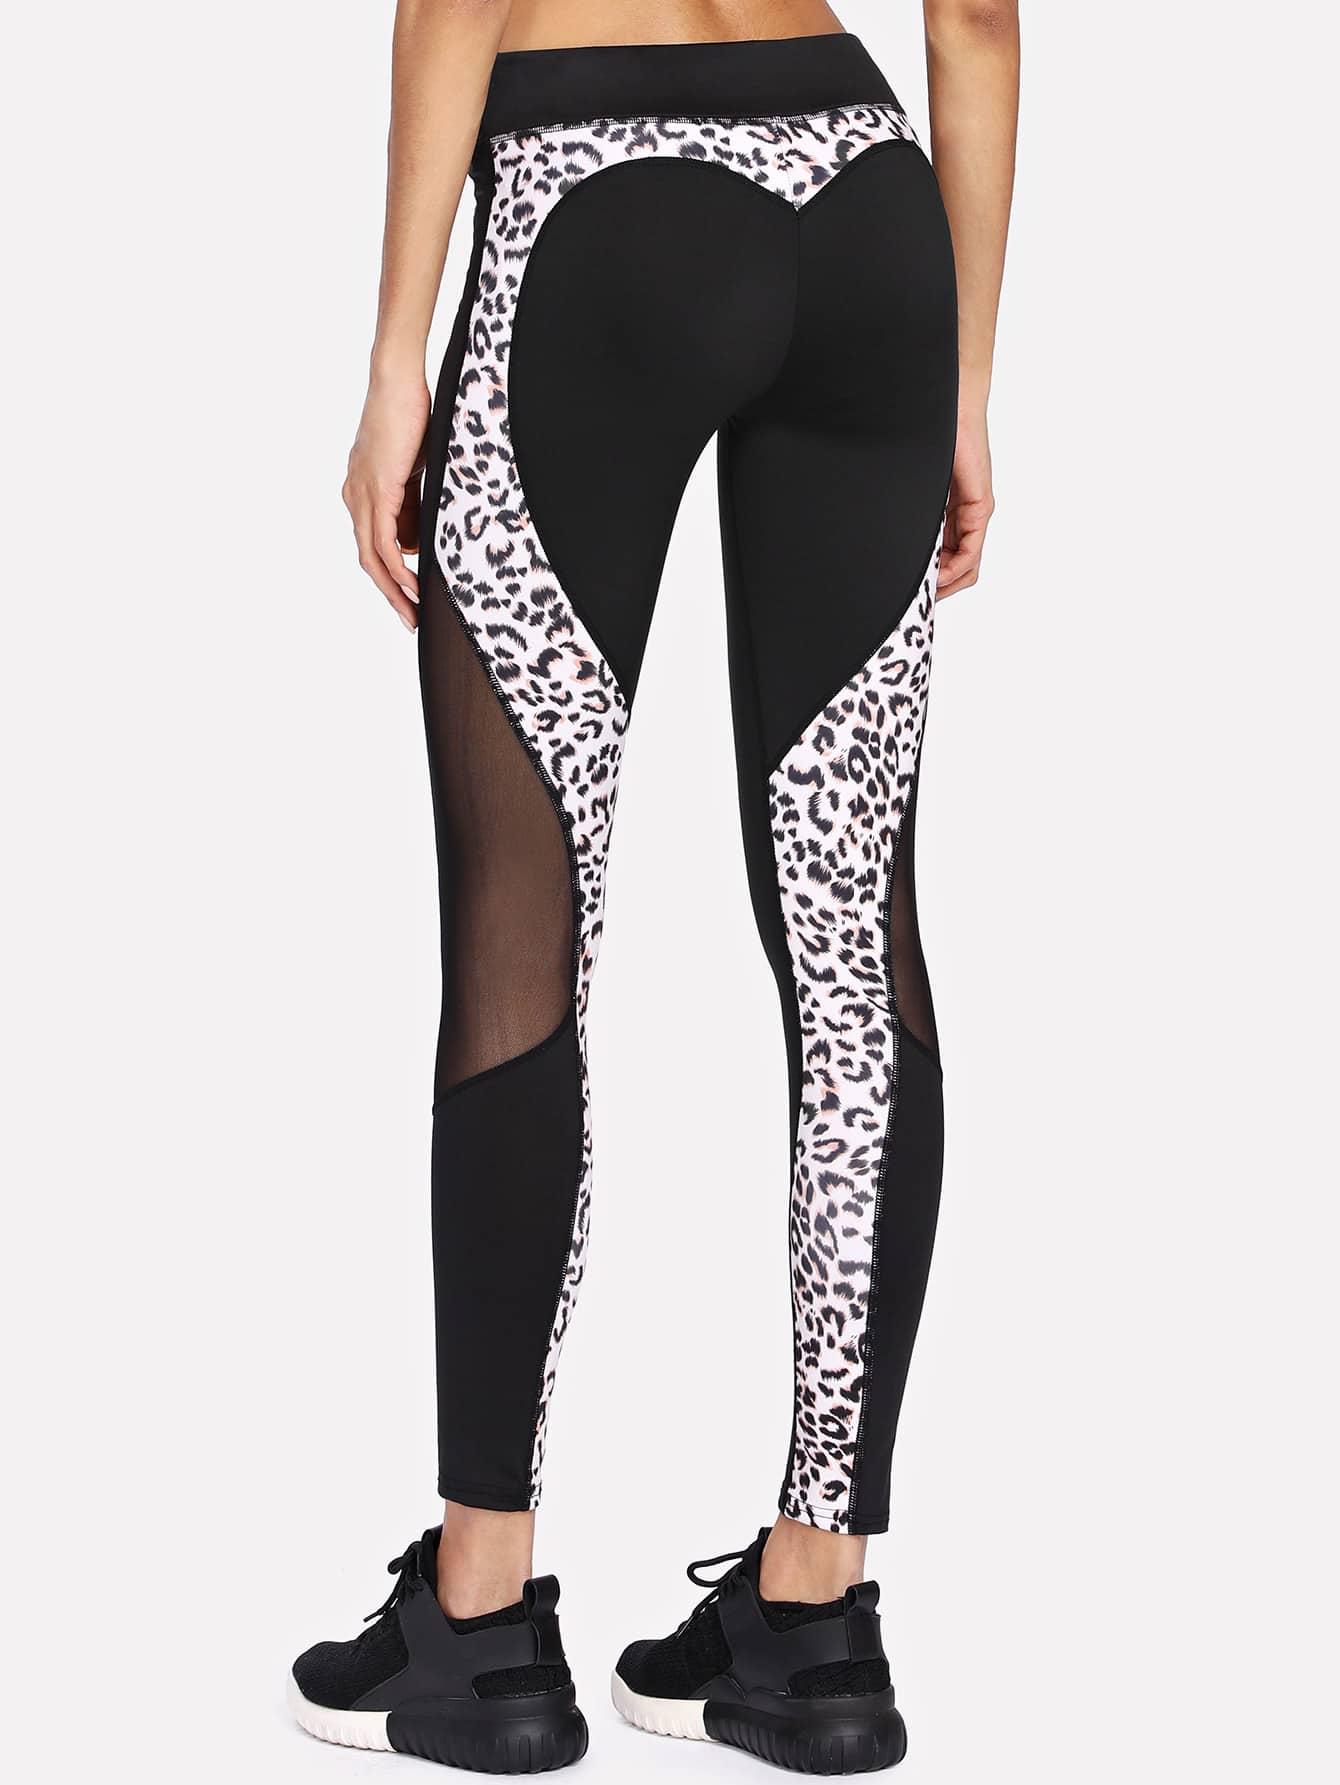 Mesh Panel Leopard Leggings leopard print leggings